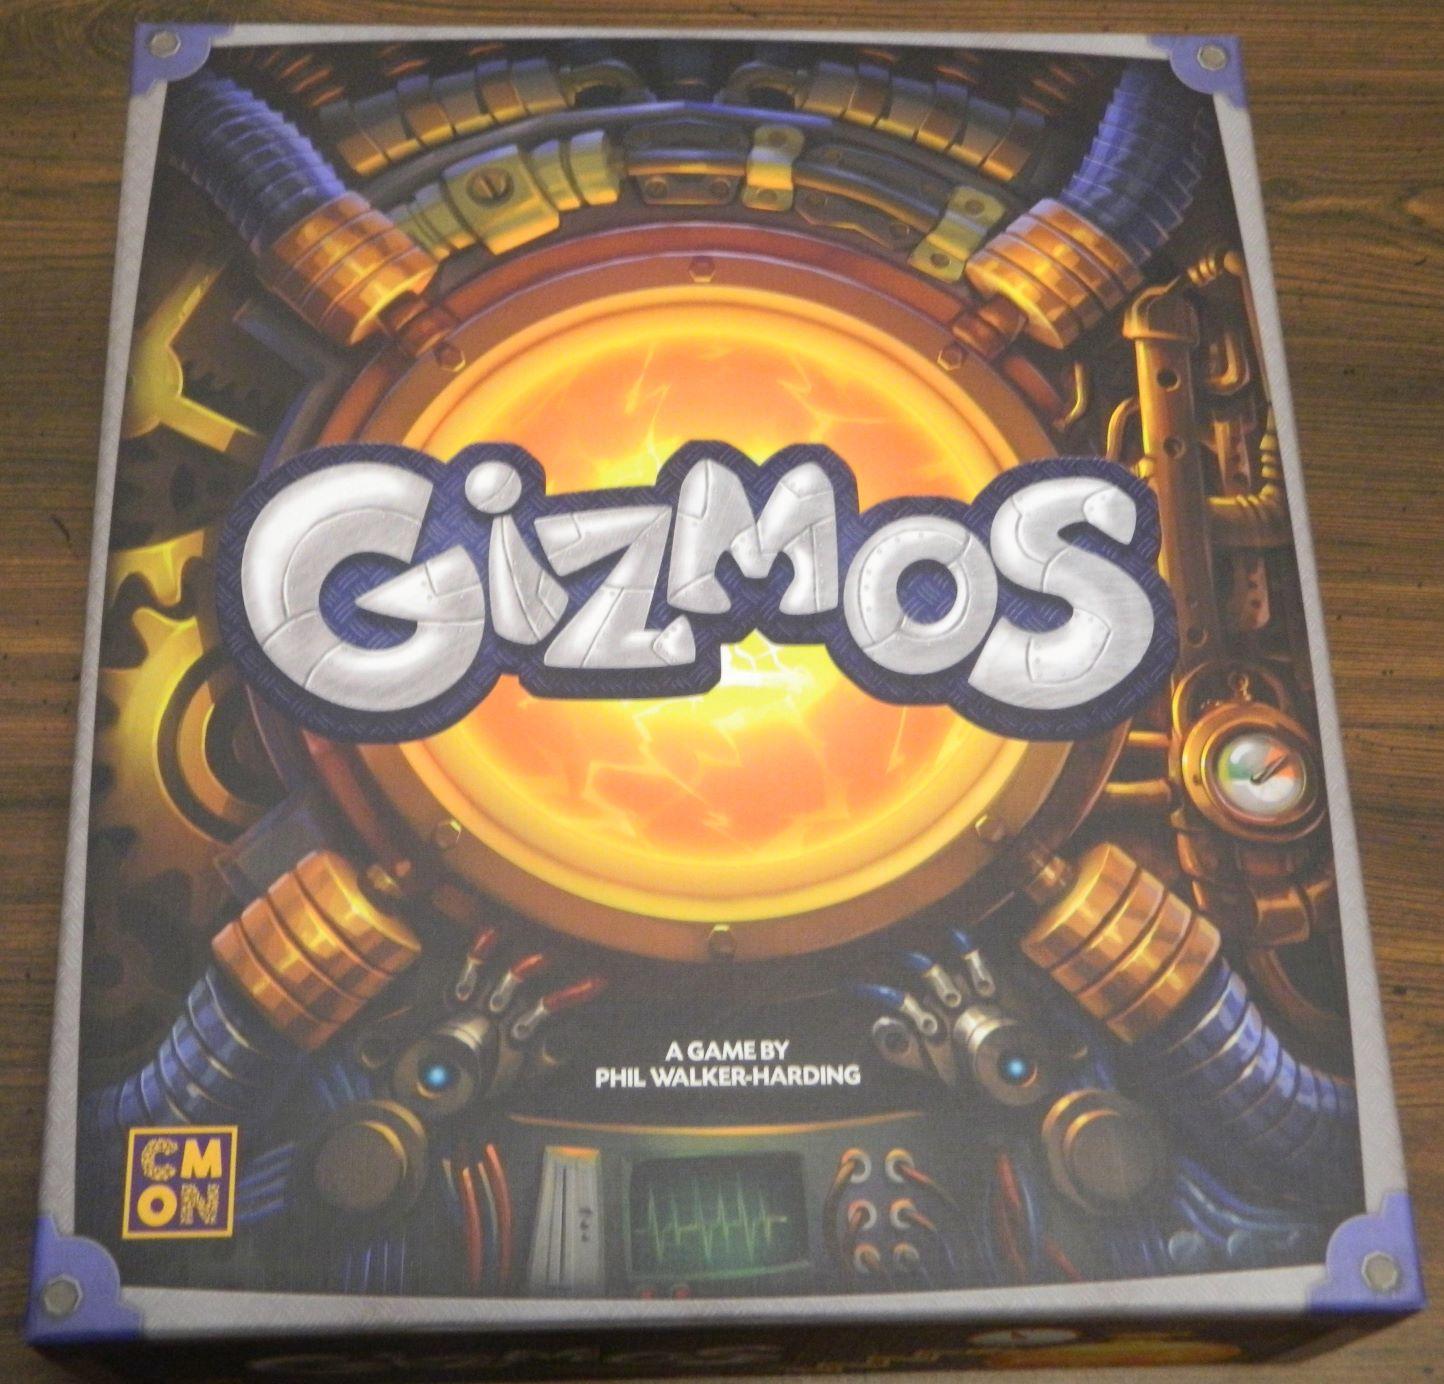 Box for Gizmos